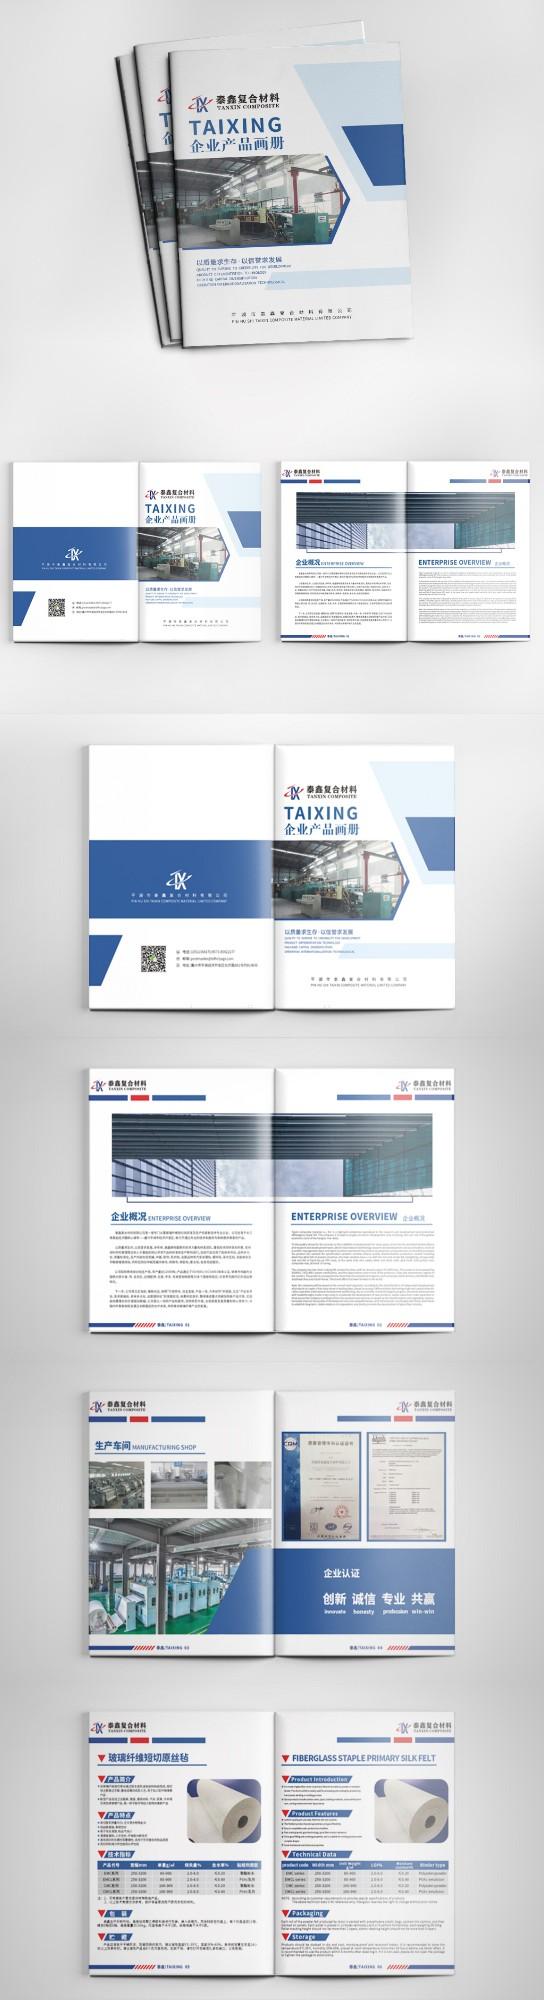 平湖市泰鑫电子画册设计